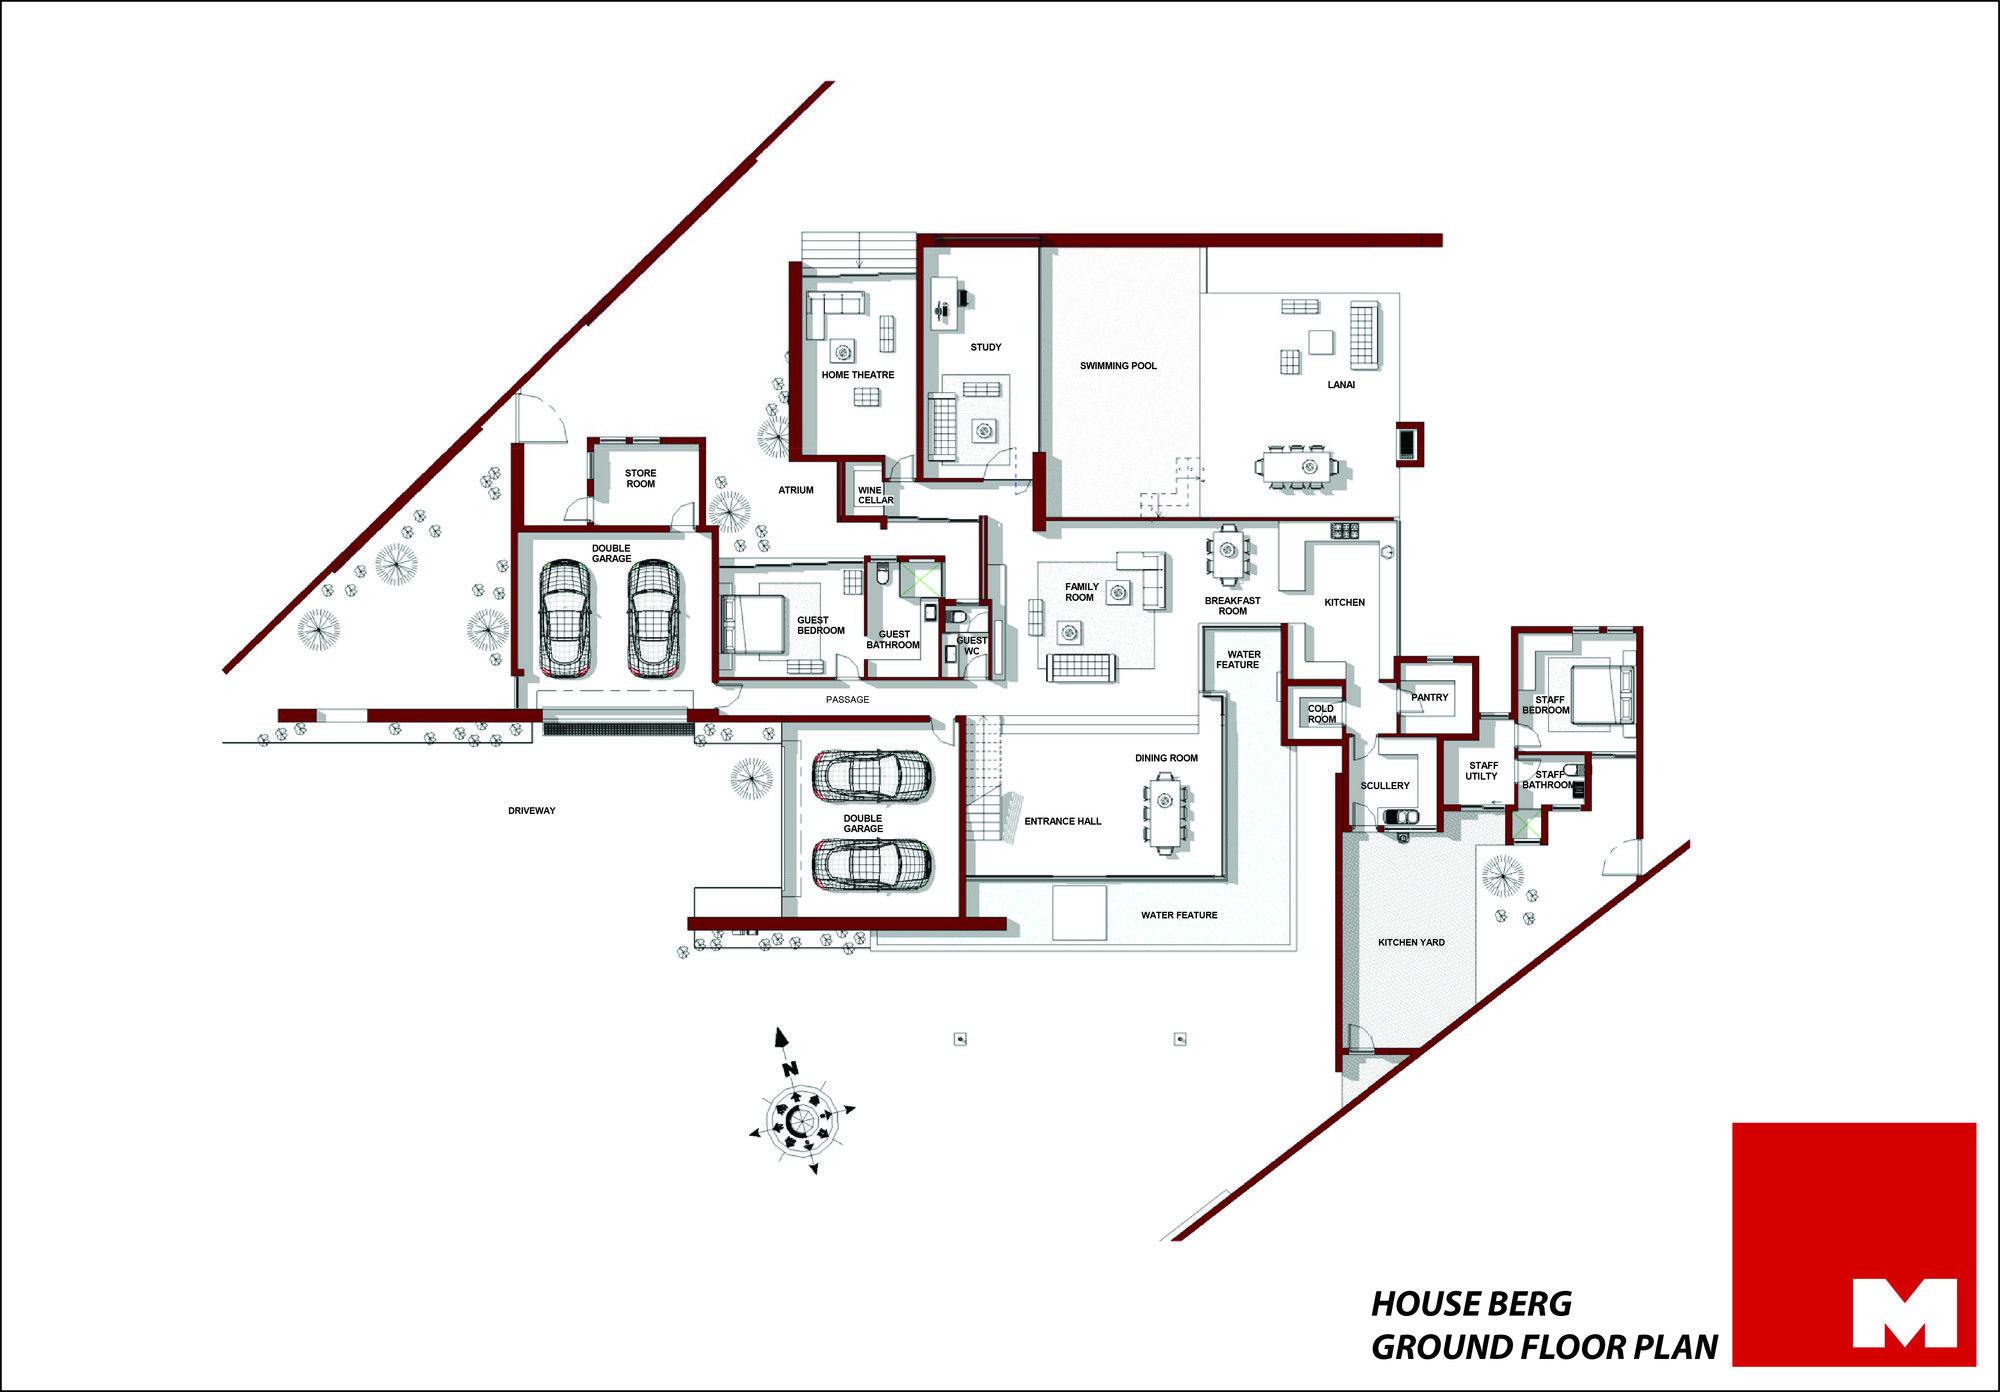 Gallery - House Ber / Nico van der Meulen Architects - 26